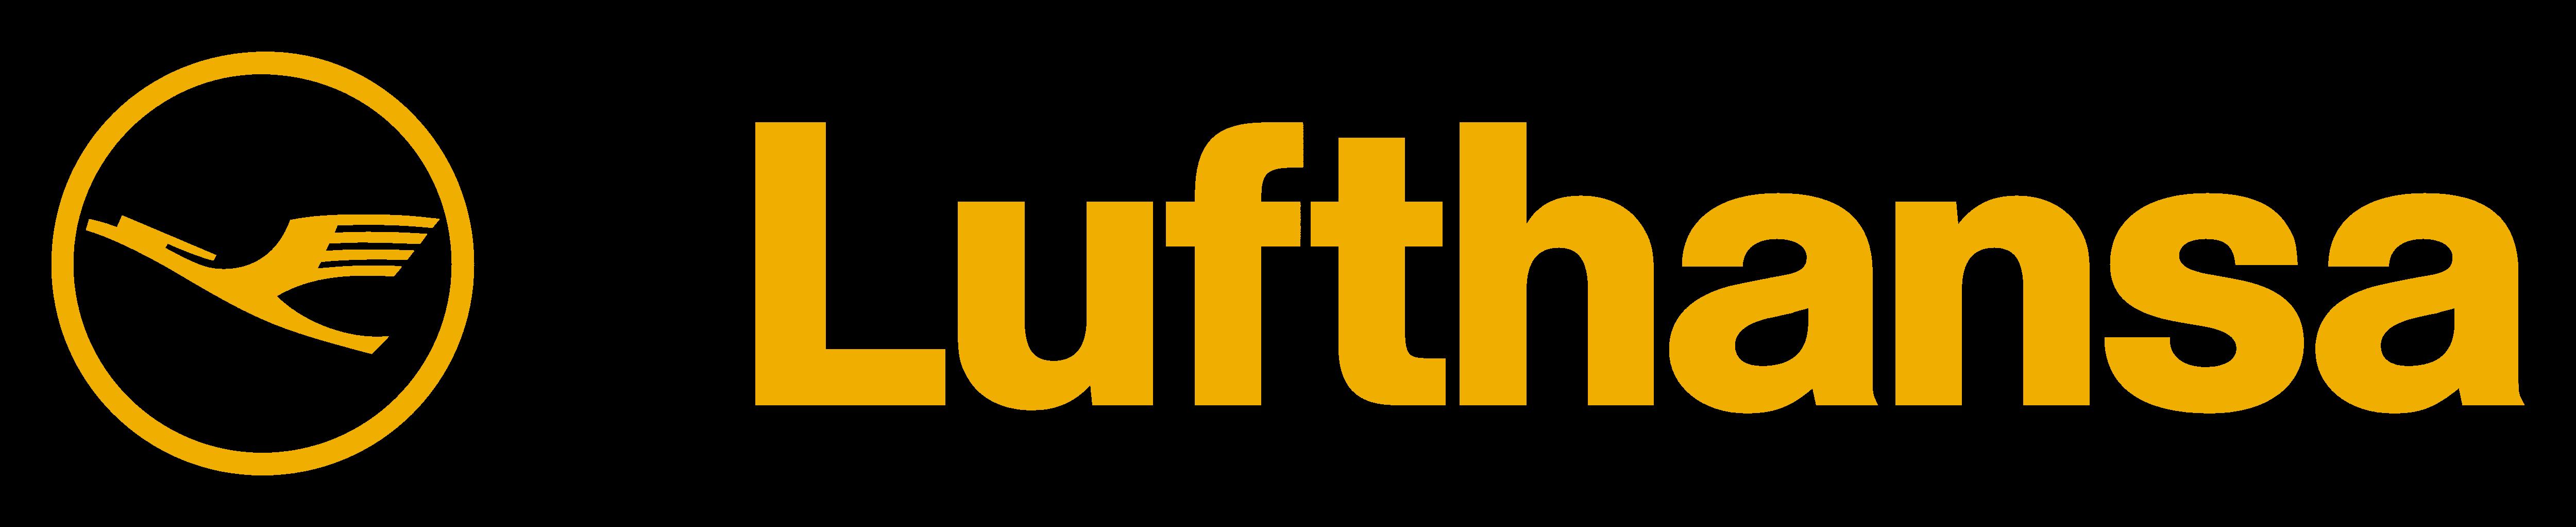 Авиакомпания Люфтганза